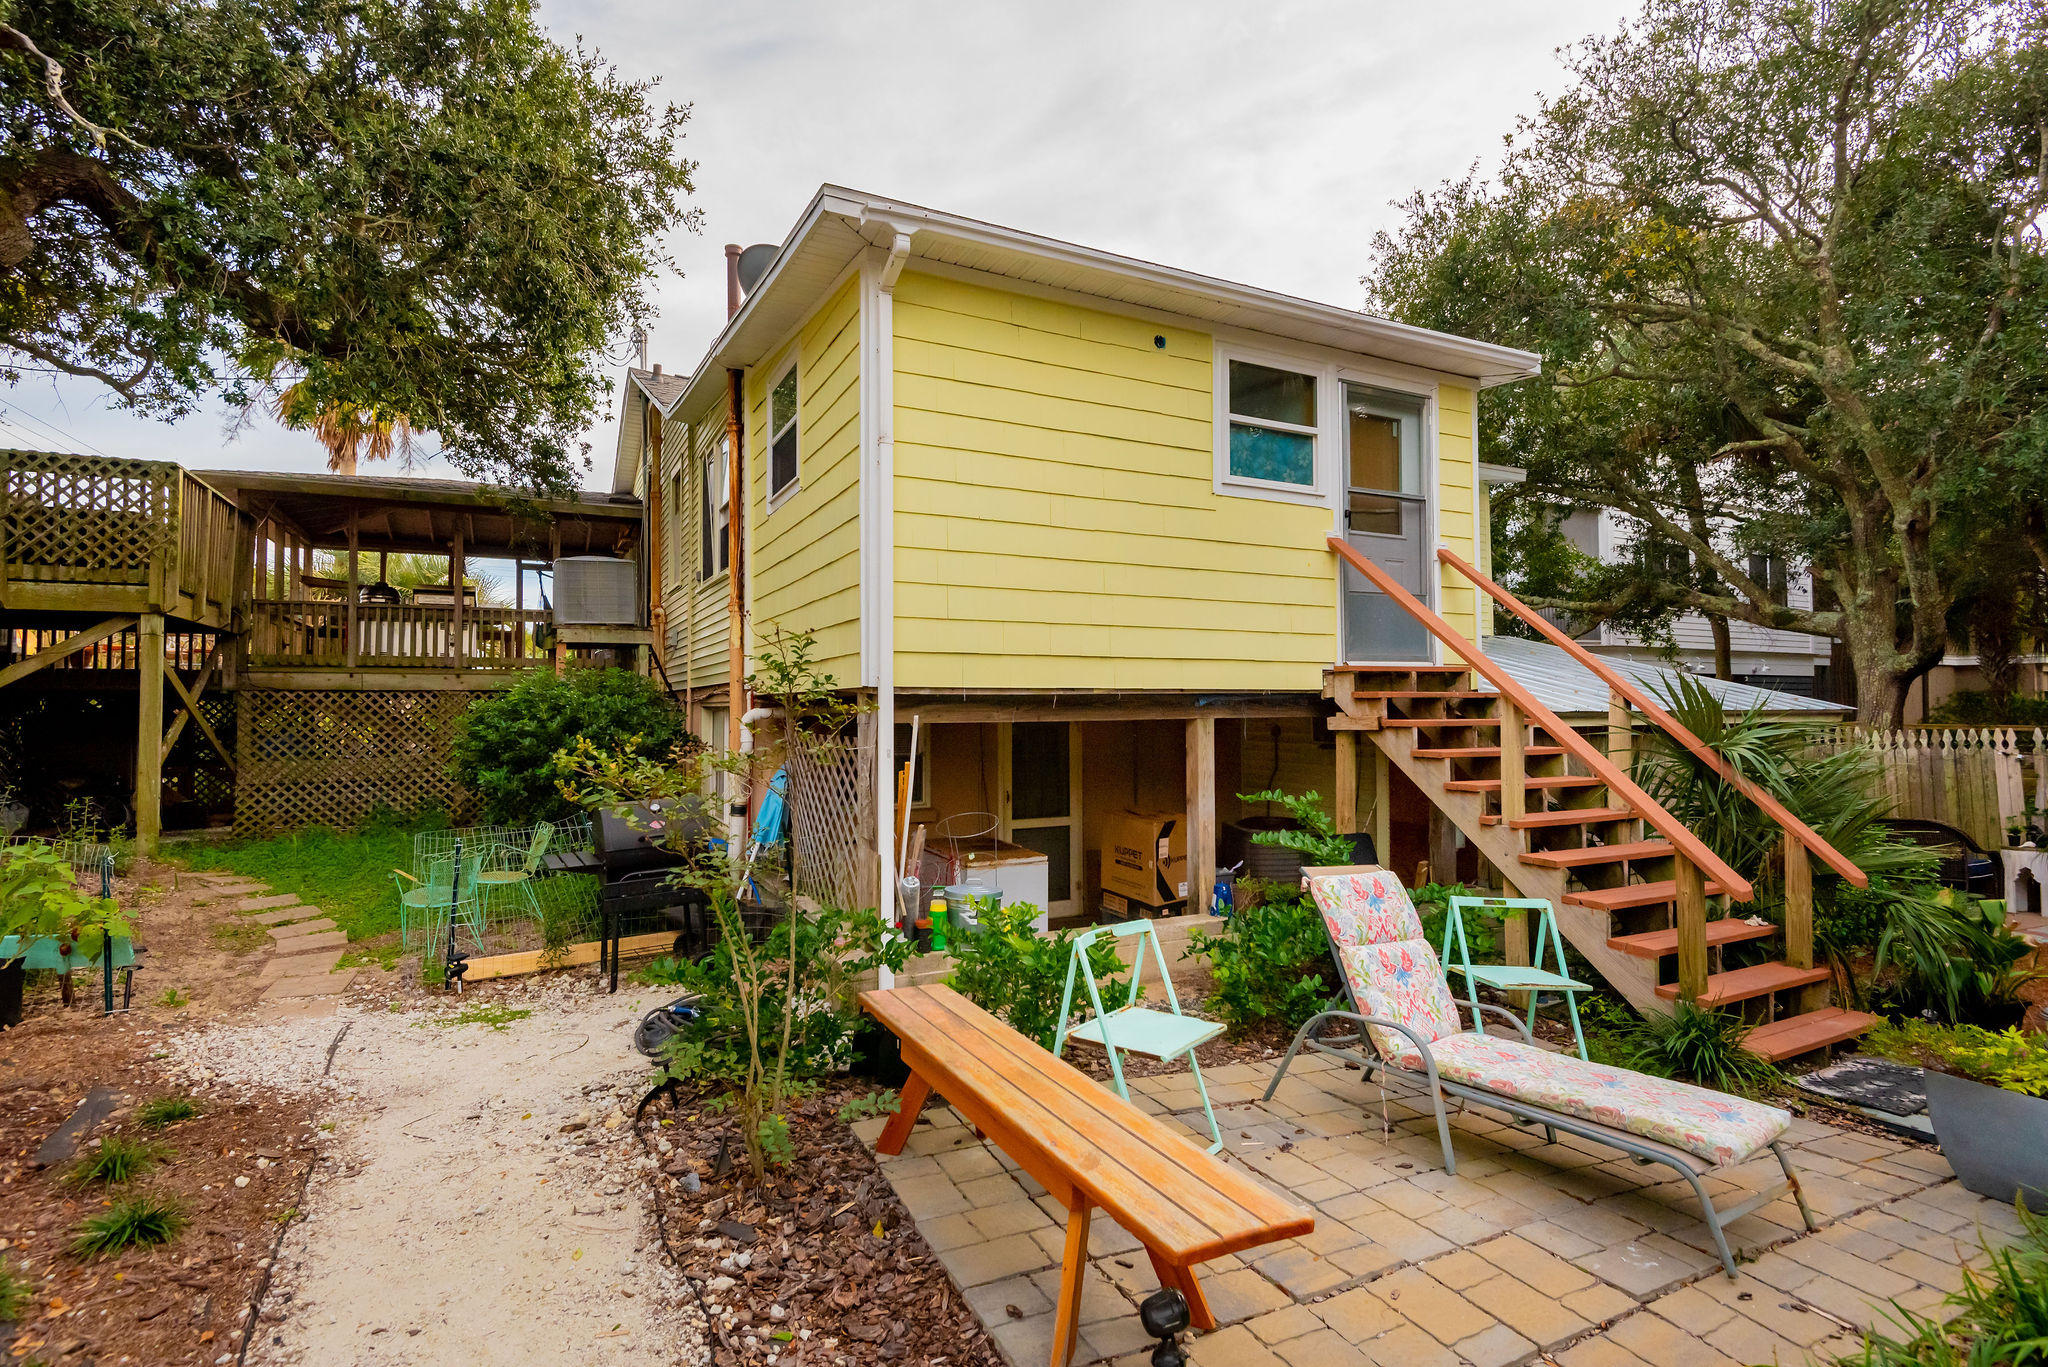 Folly Beach Homes For Sale - 504 Ashley, Folly Beach, SC - 34